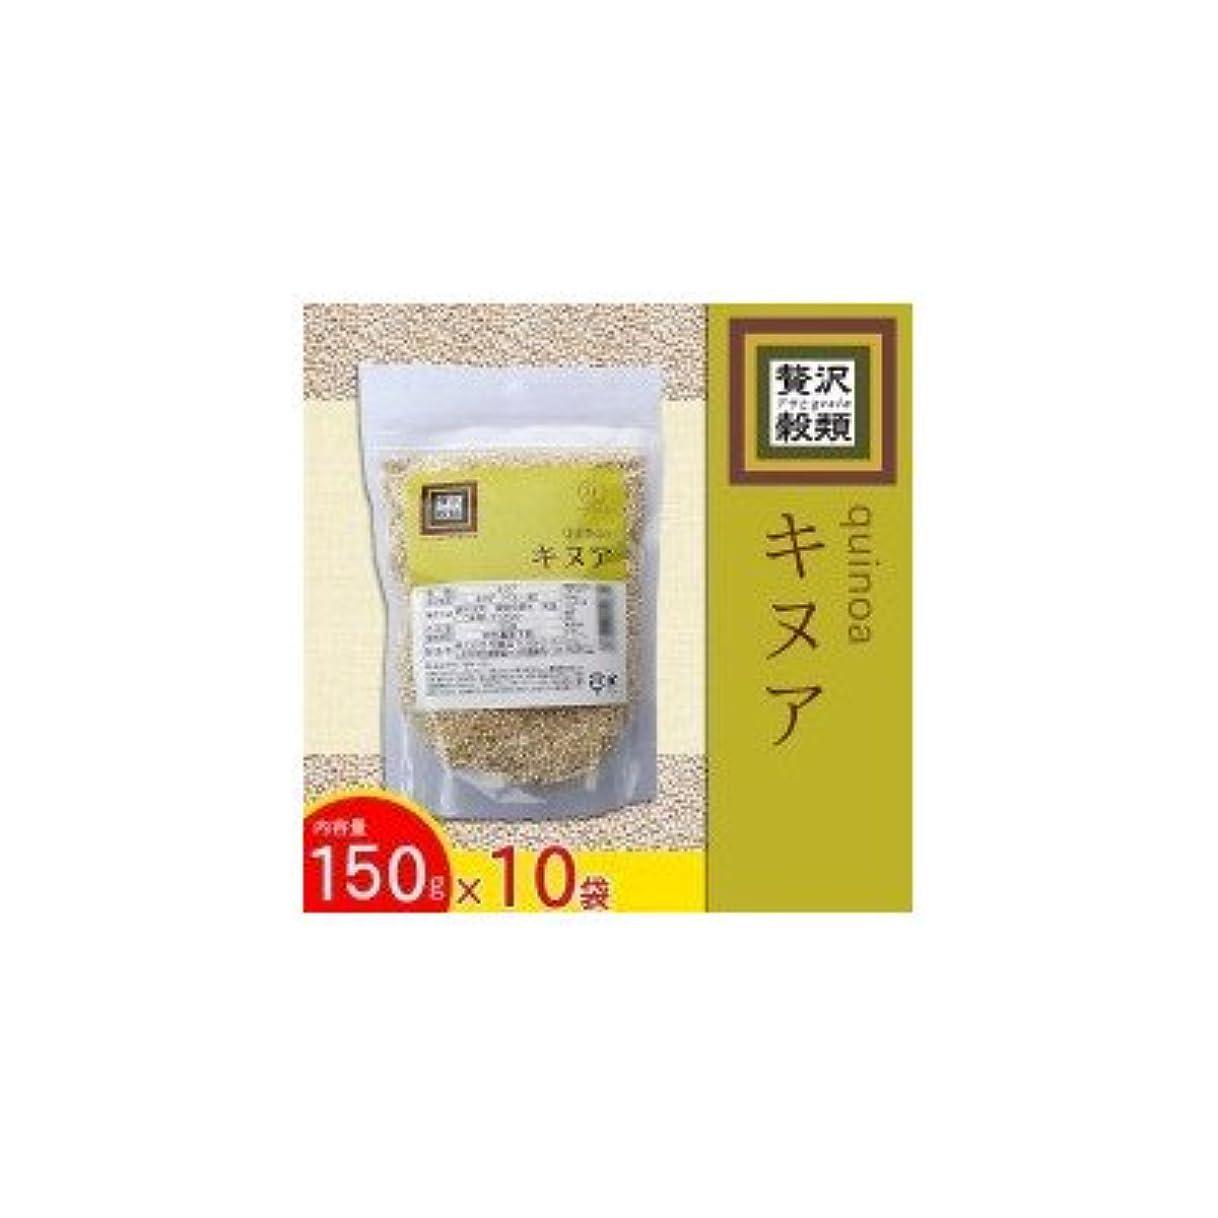 続編影響タッチ贅沢穀類 キヌア 150g×10袋